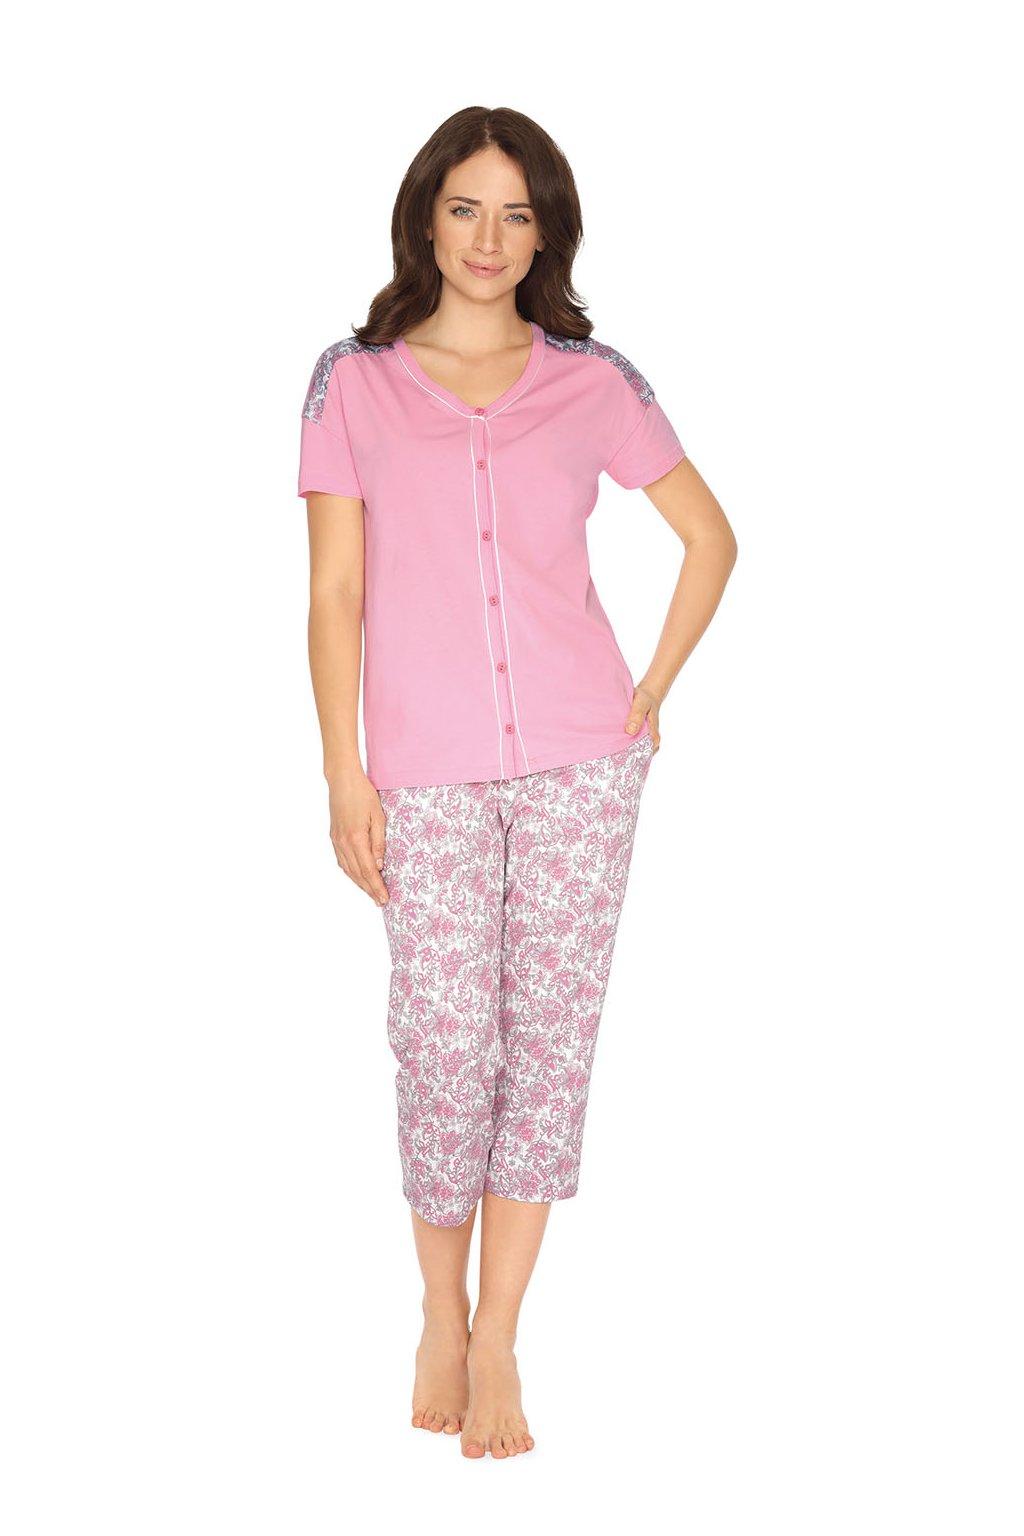 Dámské pyžamo s krátkým rukávem a 3/4 nohavicemi, 104515 242, růžová